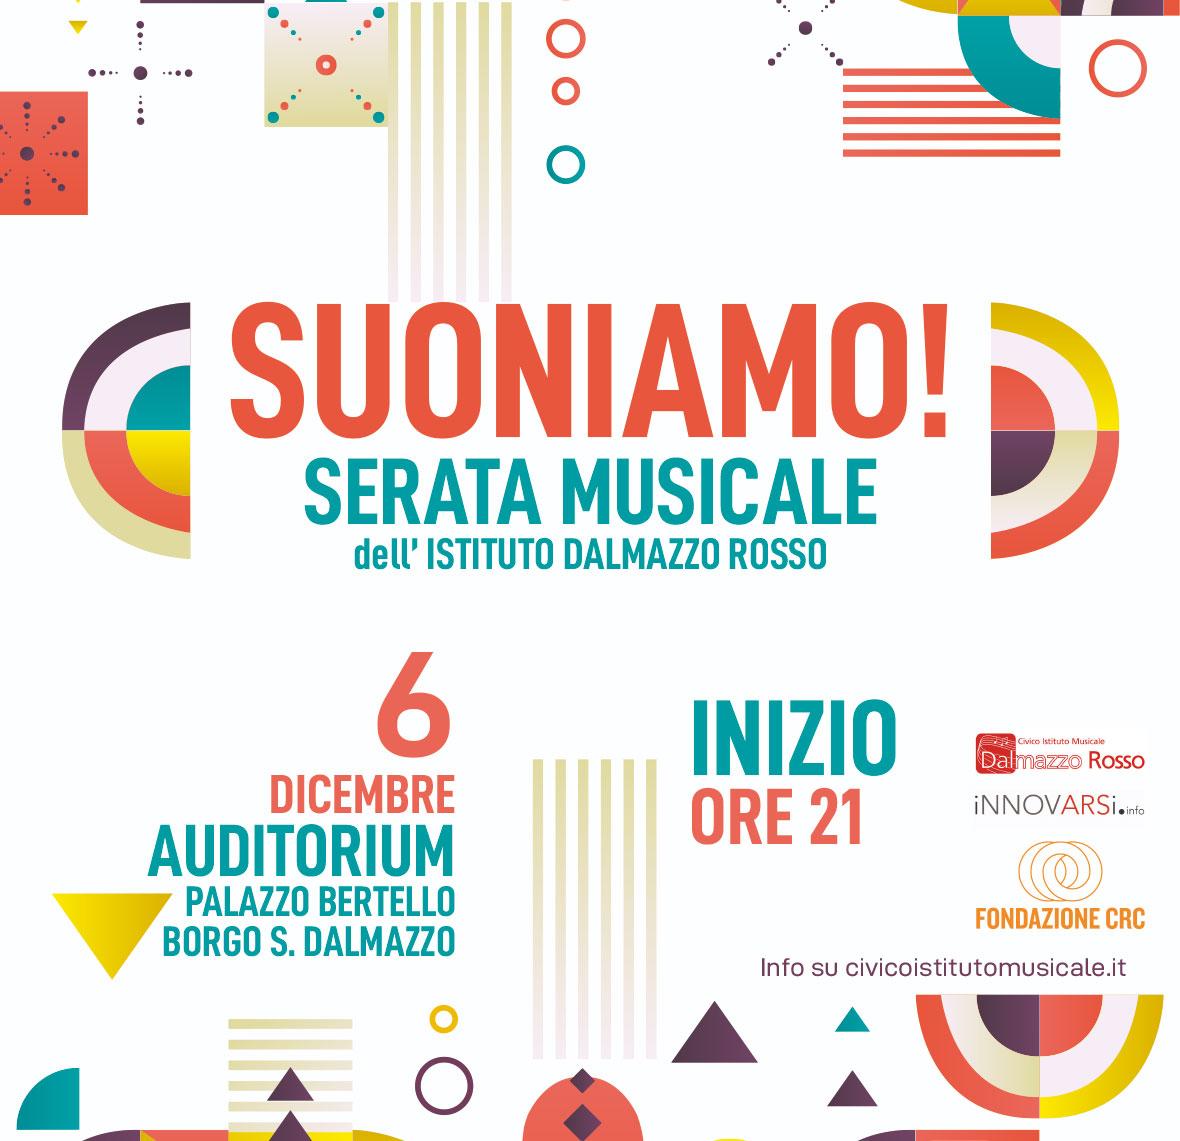 Concerto dell'Ist. Musicale Dalmazzo Rosso